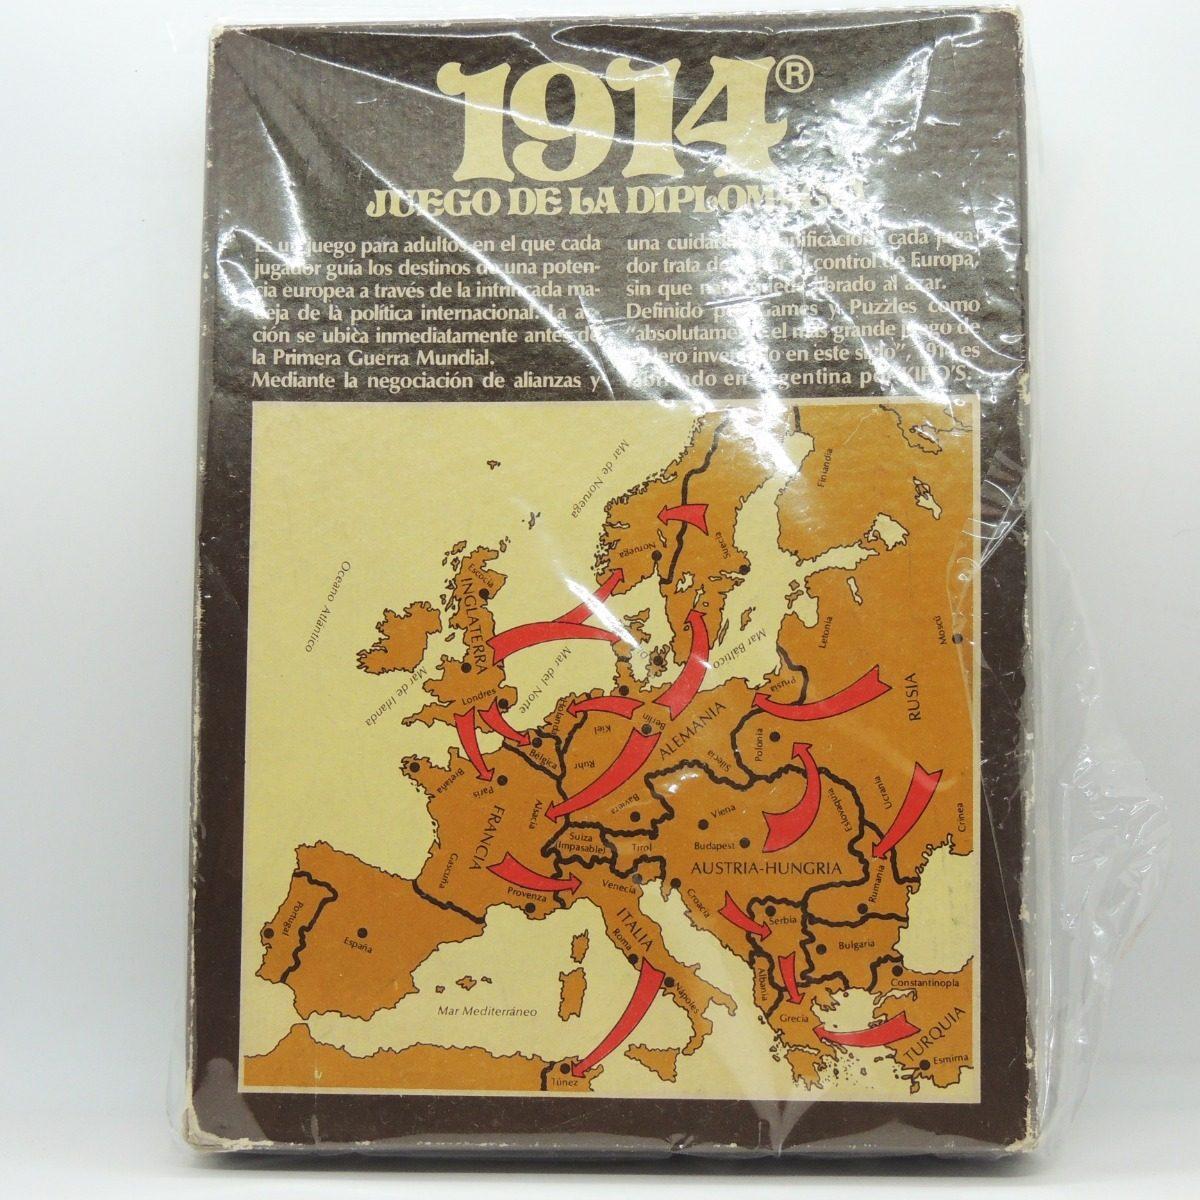 1914 Juego De La Diplomacia Juego De Mesa Kipos Argentina 1 000